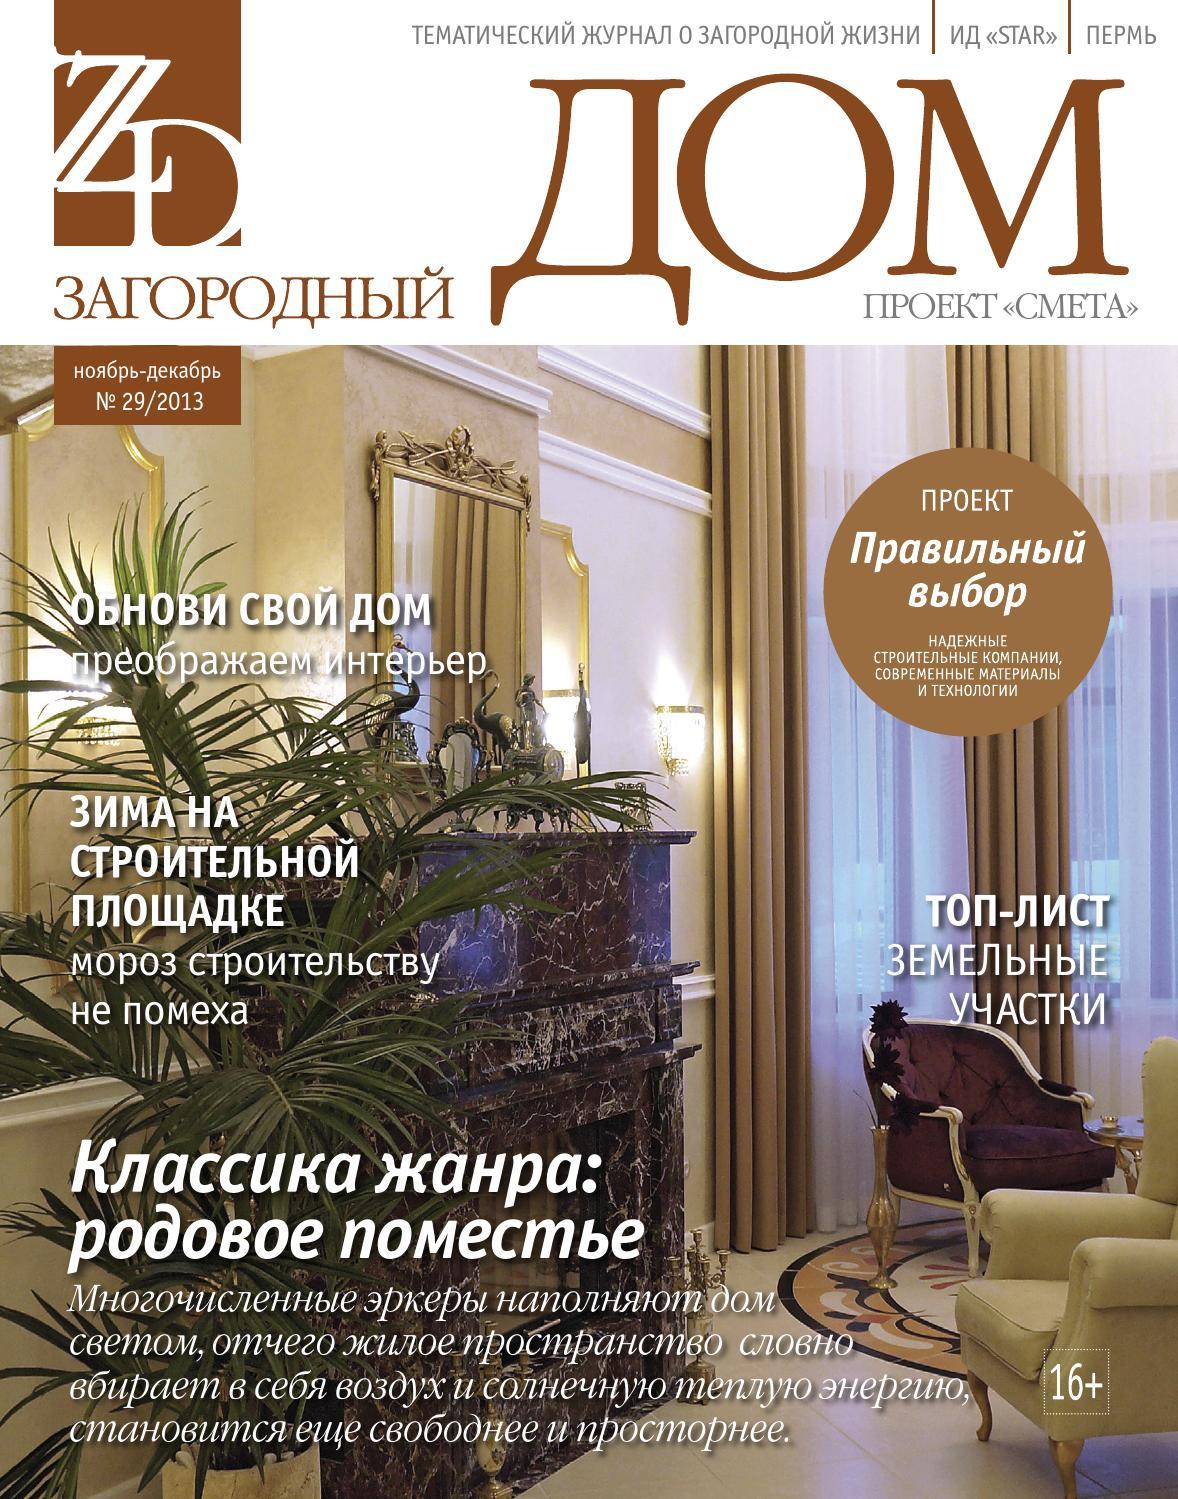 Александр Ермолов  официальный сайт